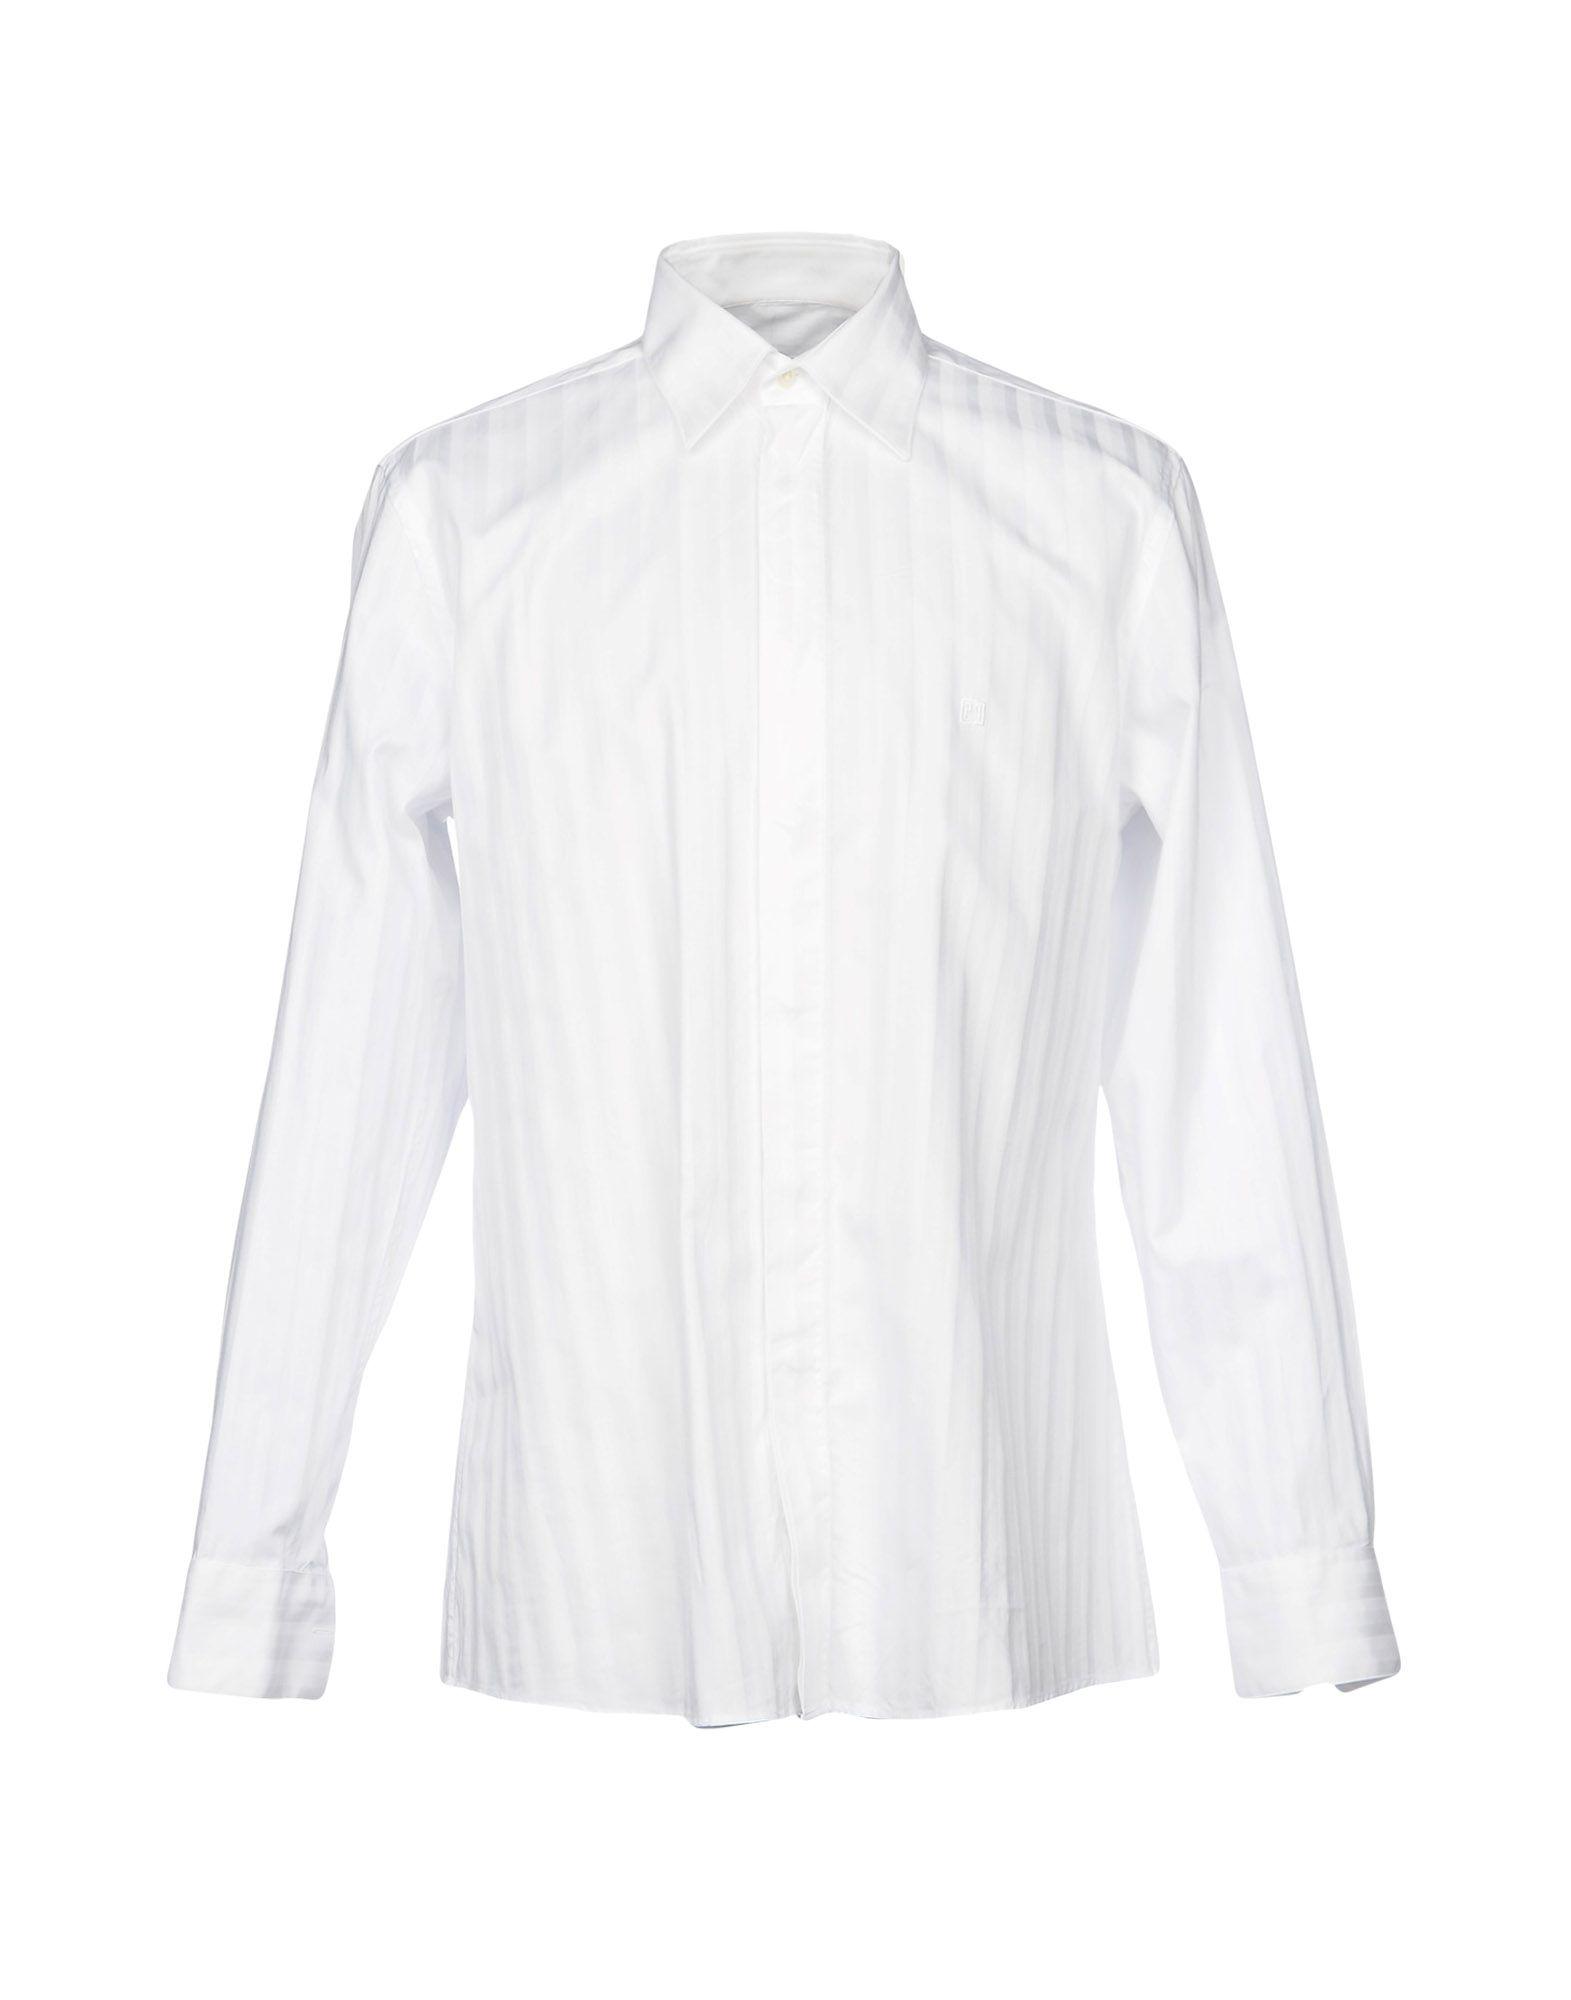 CARLO PIGNATELLI CERIMONIA Pубашка carlo pignatelli рубашка с длинными рукавами